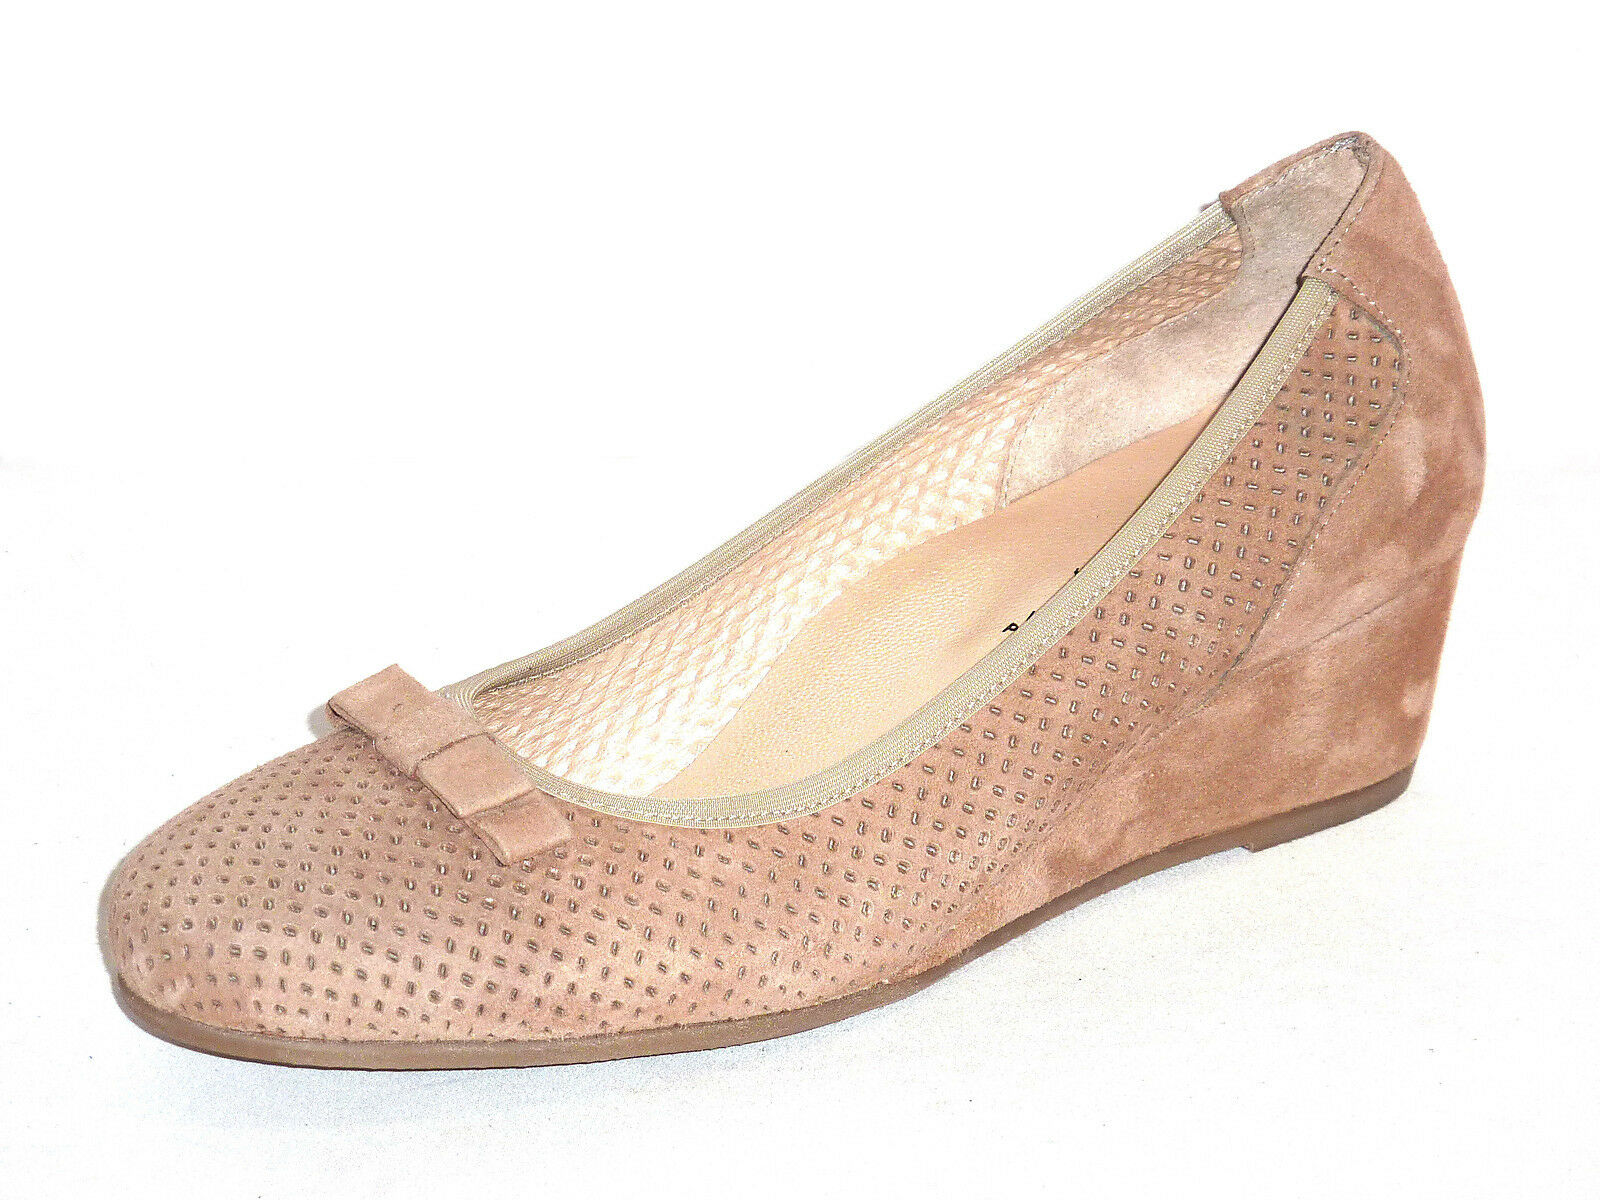 zapatos mujer mujer mujer CON ZEPPA E FIOCCO PELLE NABUK ColorE CORDA MORBIDE E COMODE  n. 37  nueva gama alta exclusiva